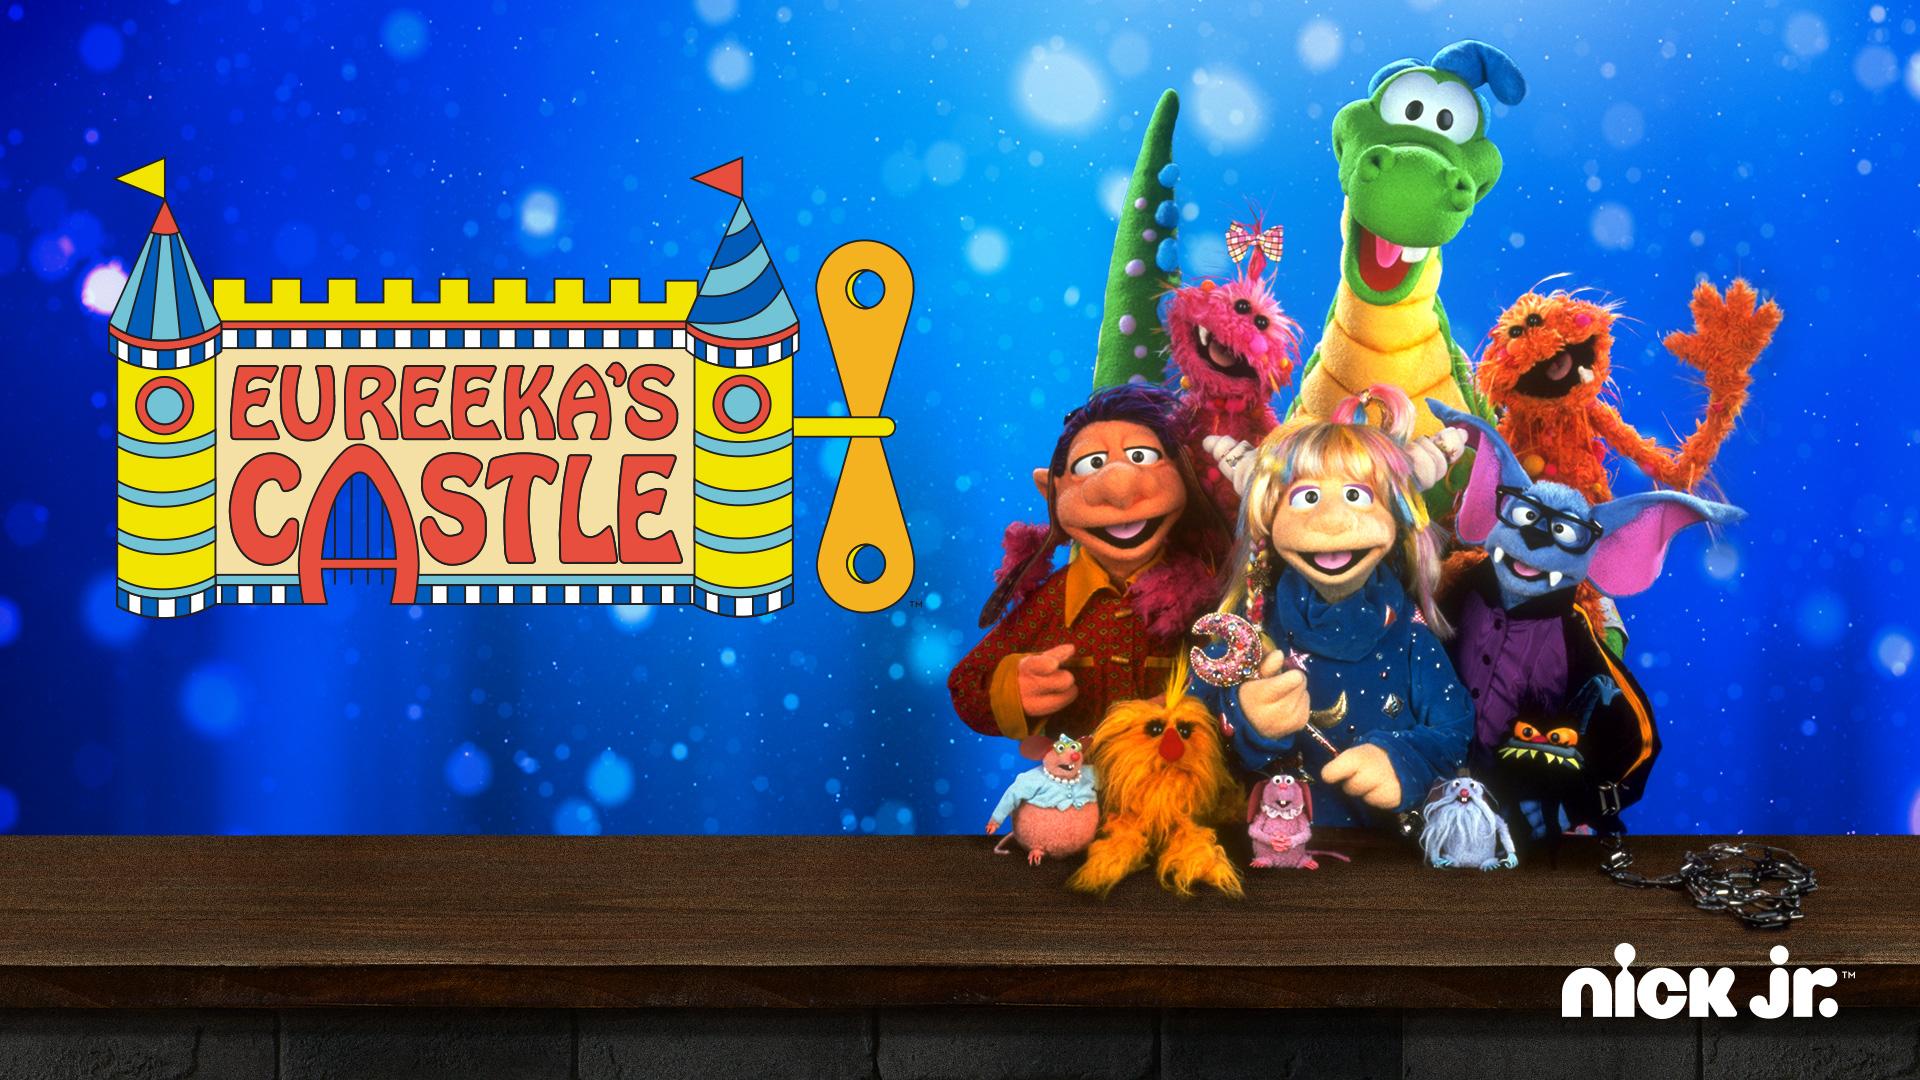 Eureeka's Castle Season 1